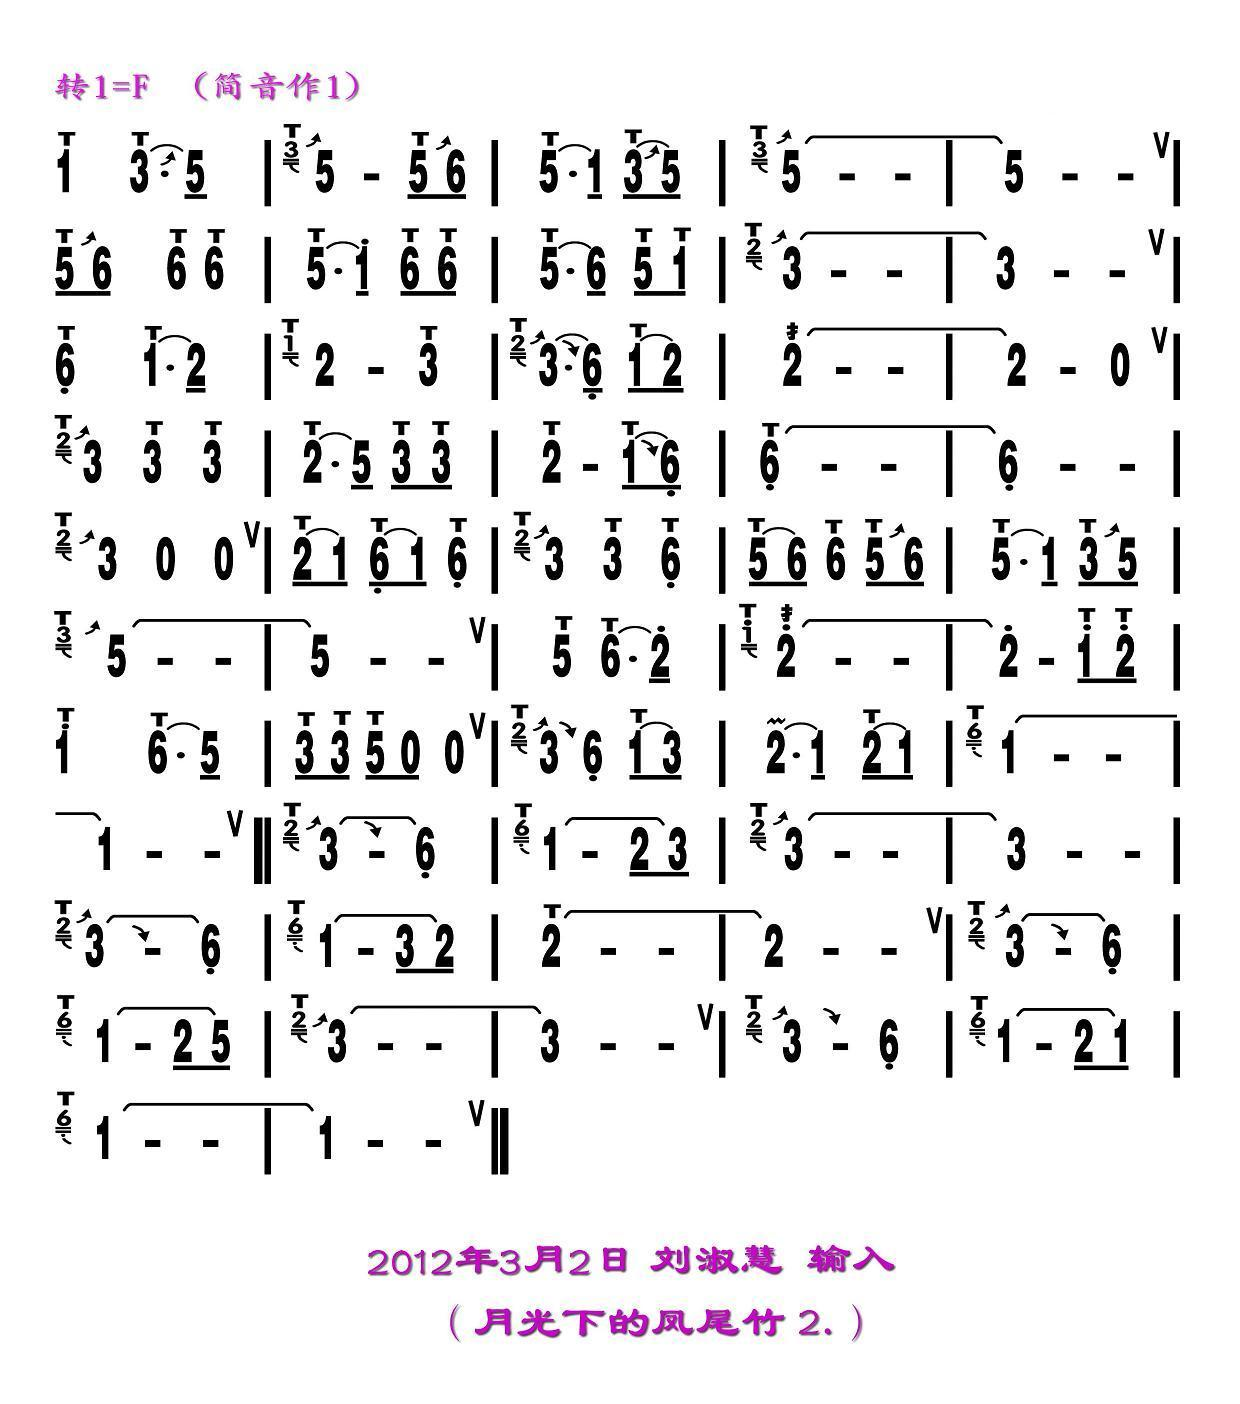 月光下的凤尾竹(刘慧淑制谱版)